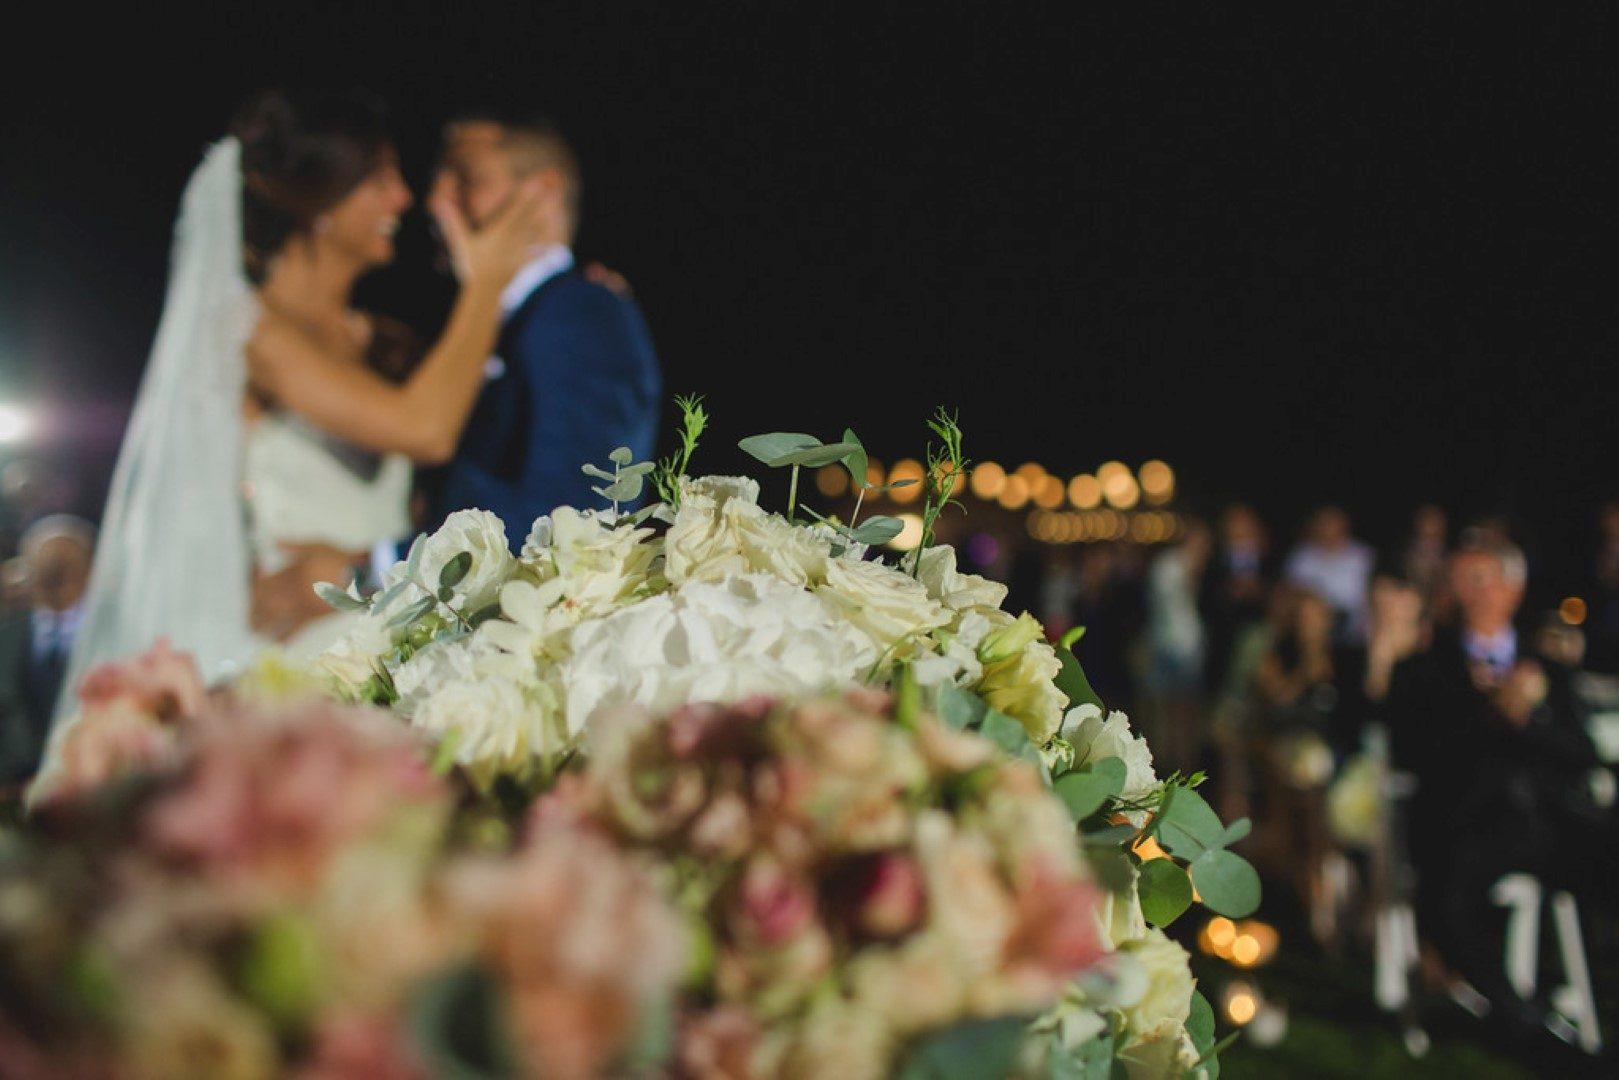 ,pénteki esküvő,pro és kontra érvek,esküvő,